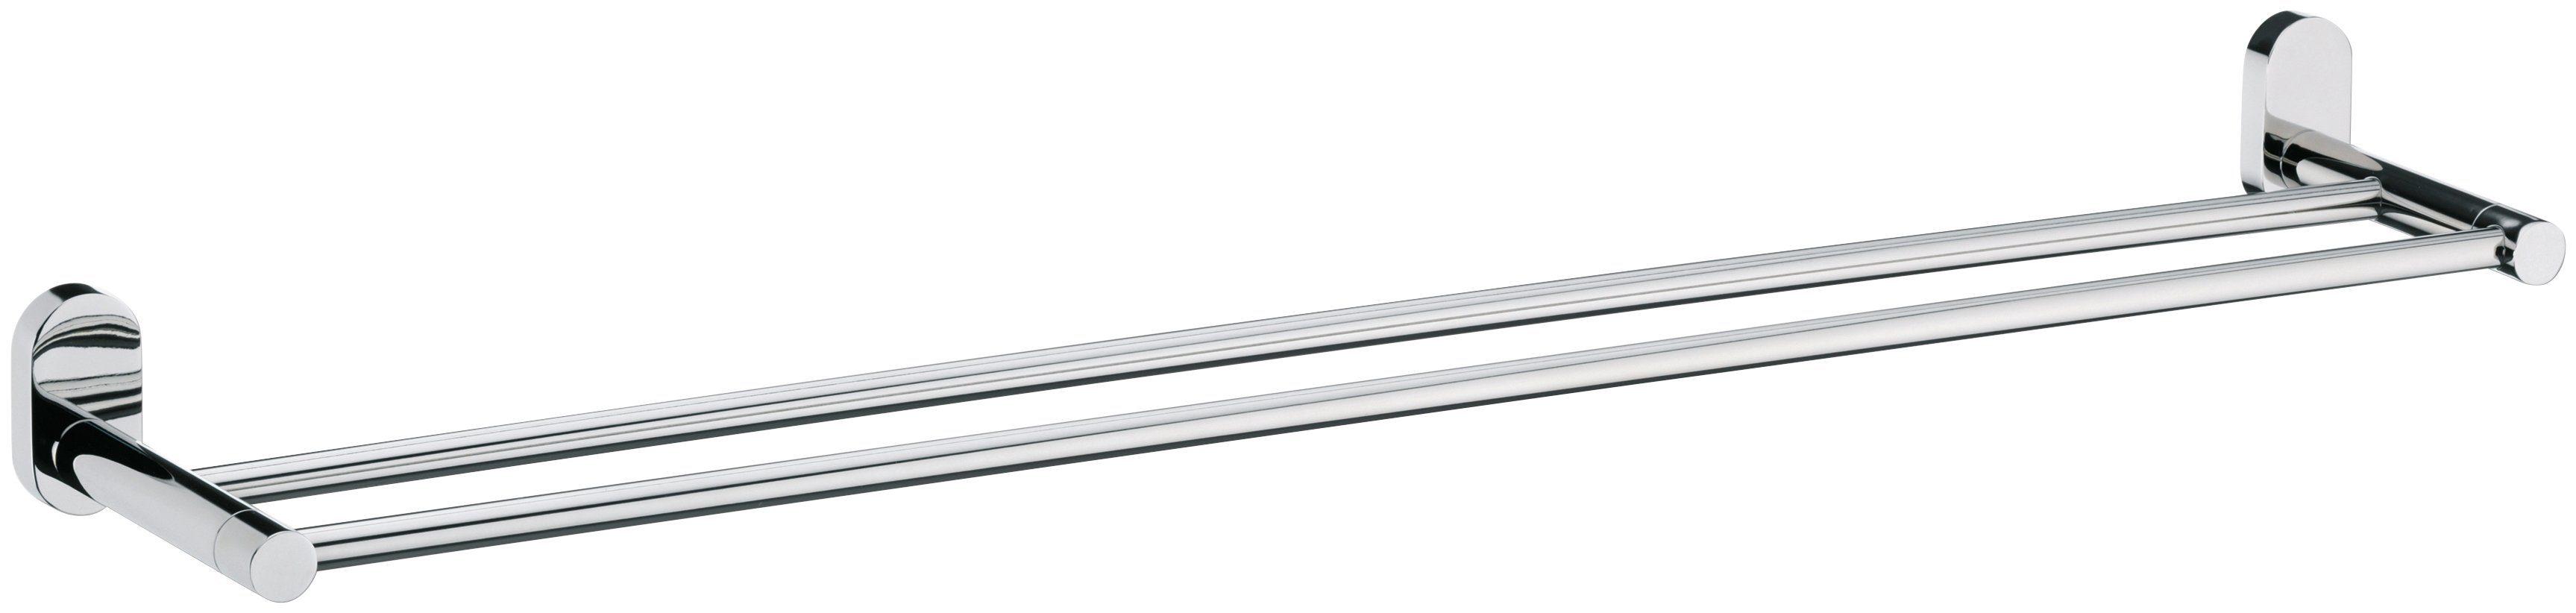 KELA Doppelhandtuchhalter »Lucido«, Edelstahl 18/10 glänzend, 75,5 x 12,5 x 6 cm